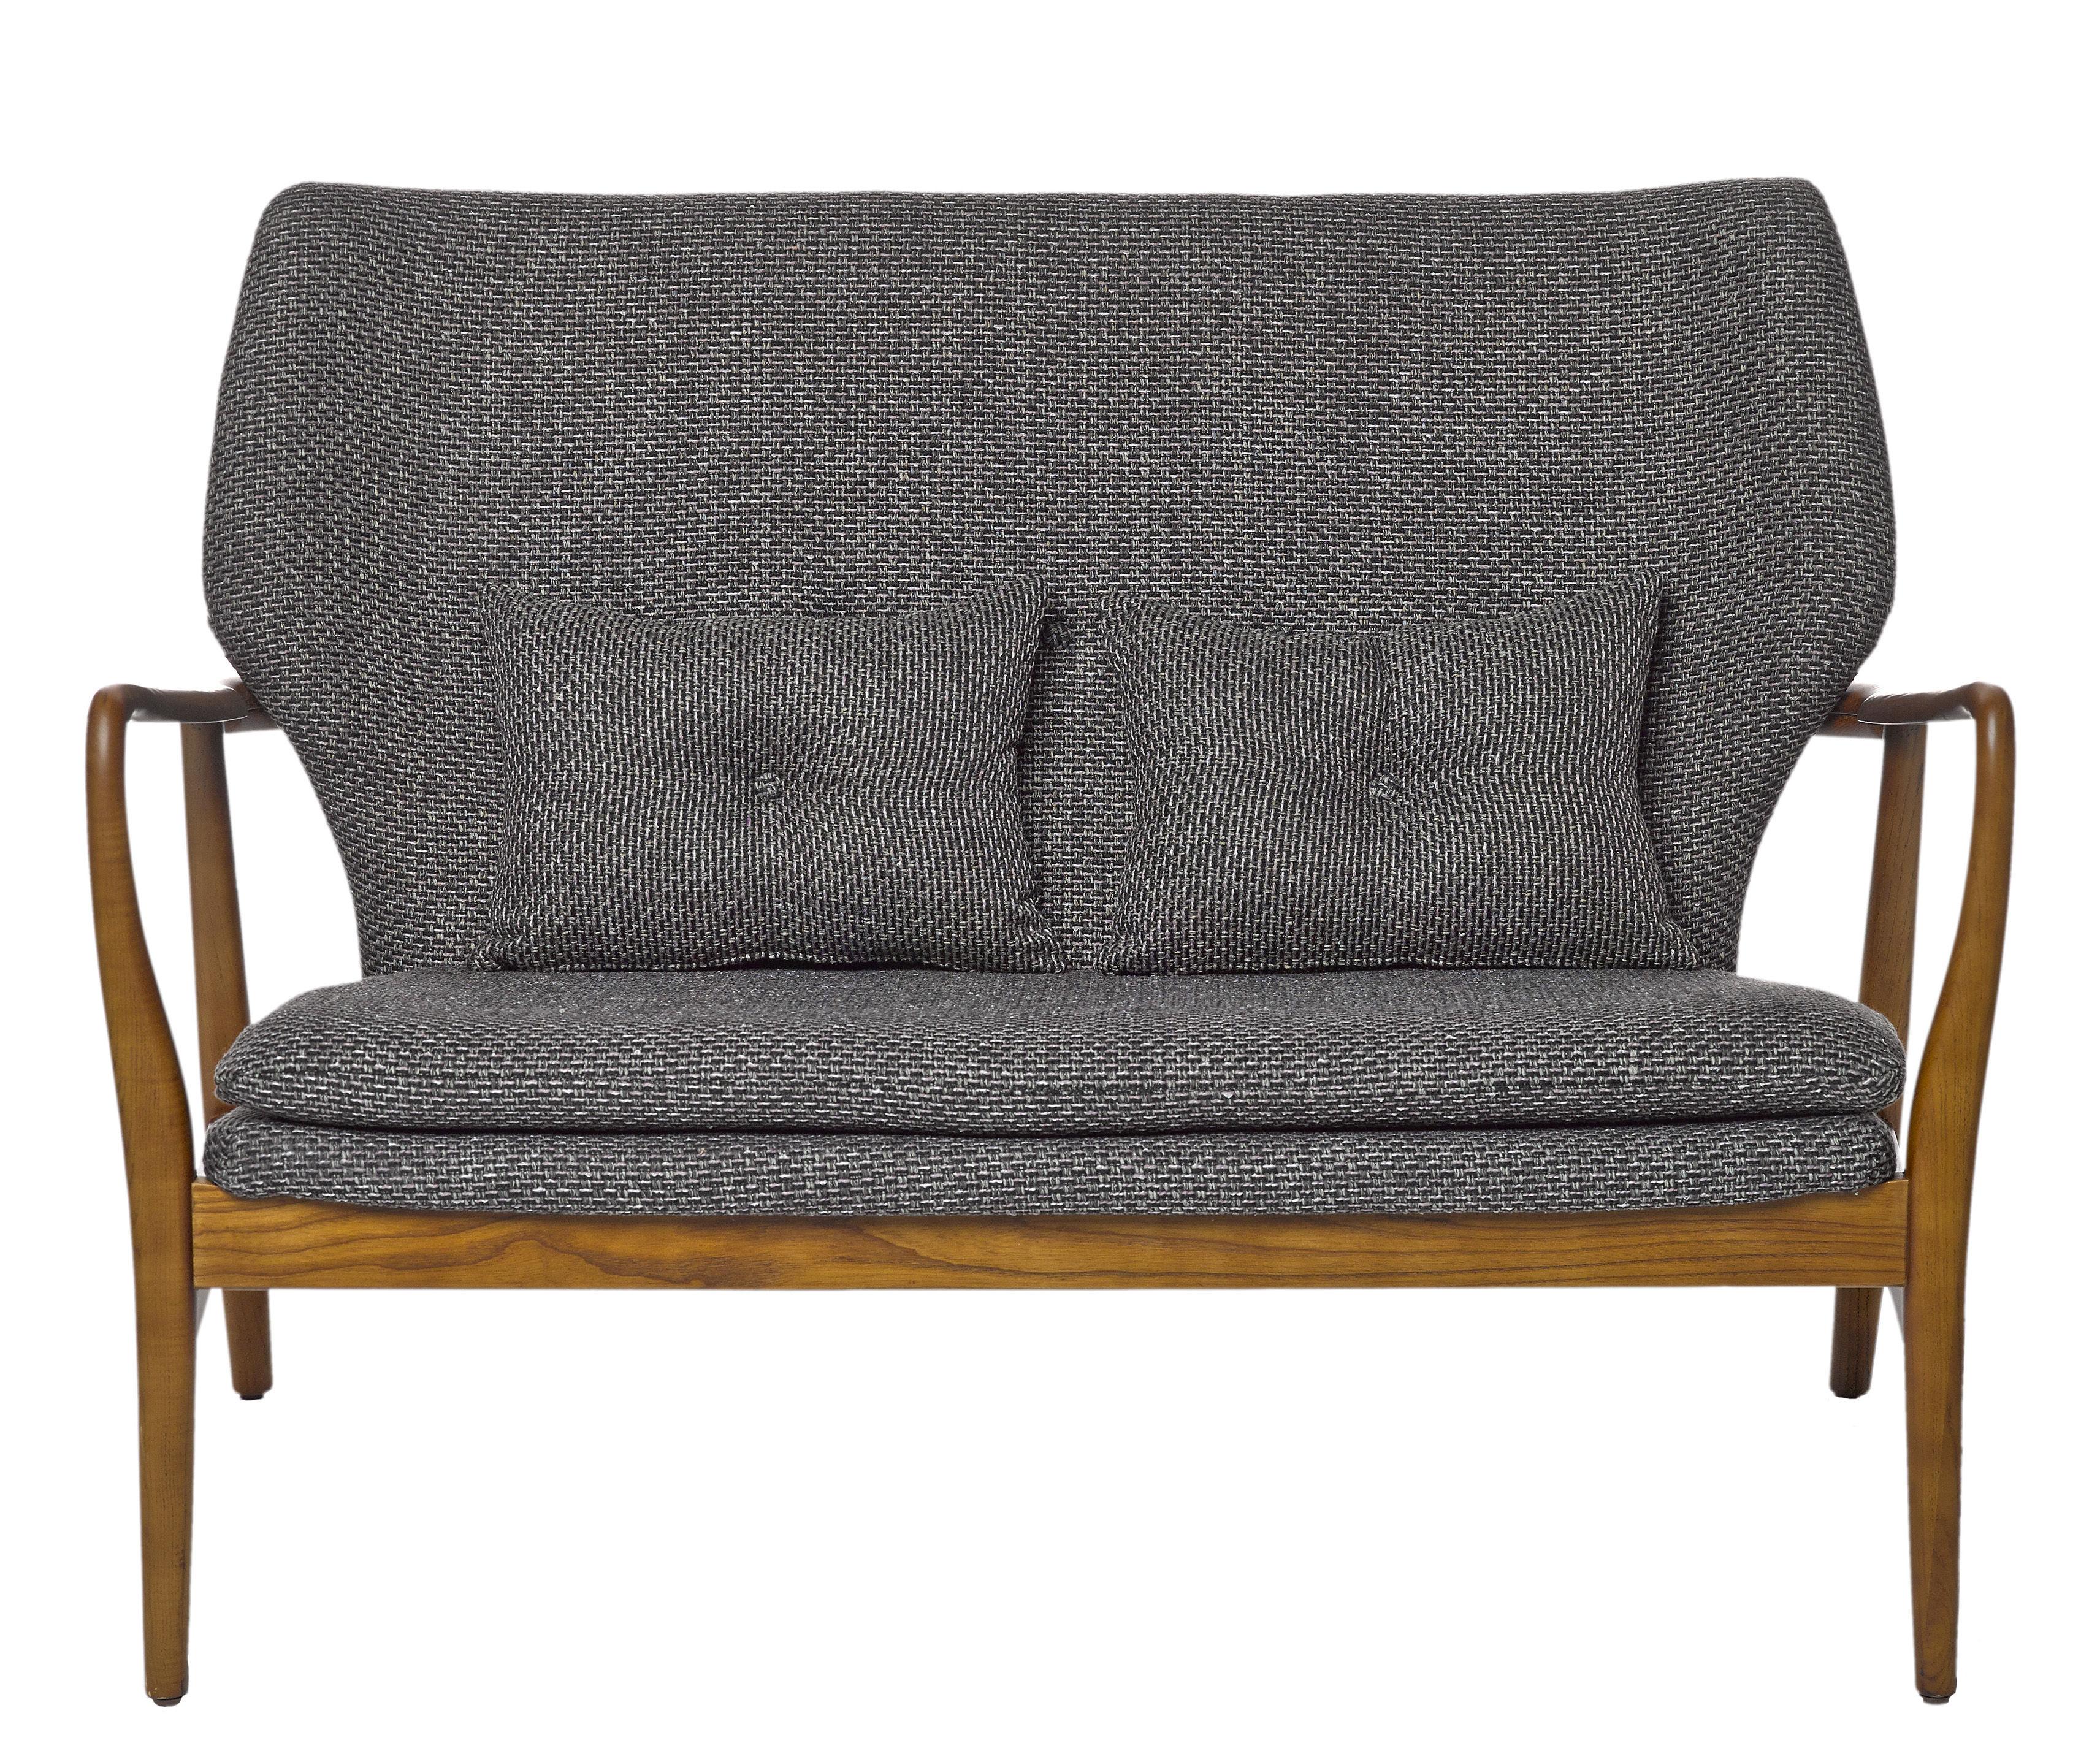 scopri divano destro peggy di pols potten made in design. Black Bedroom Furniture Sets. Home Design Ideas